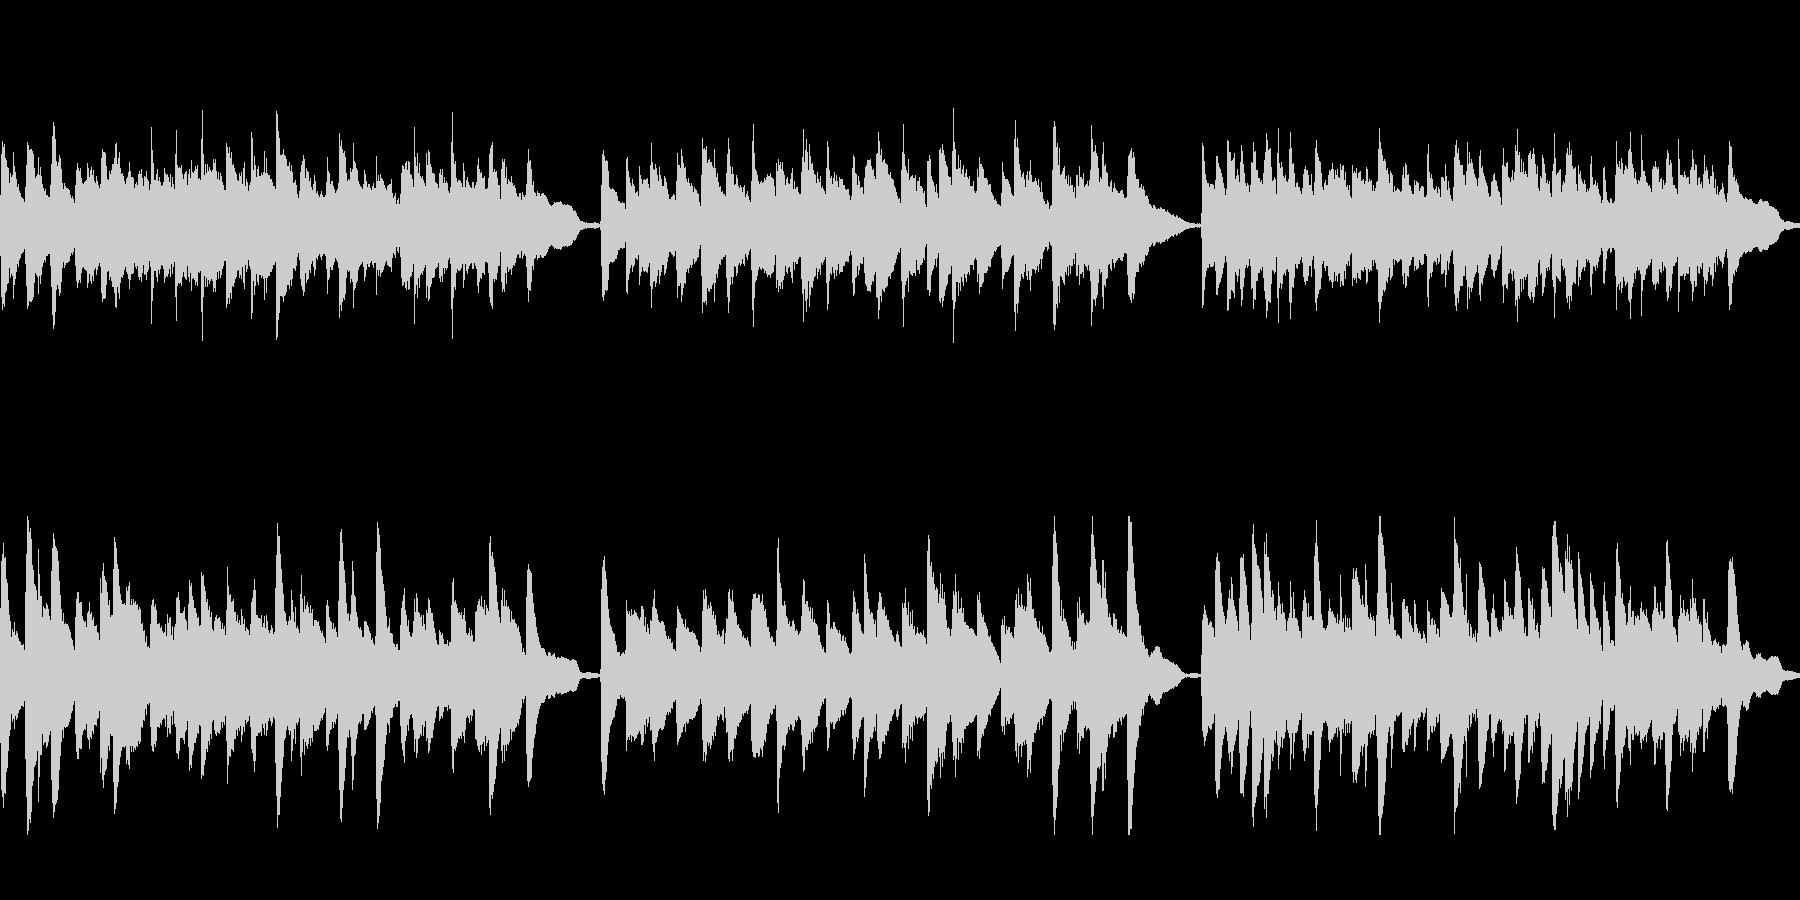 クラシック風ジングル37B-ピアノソロ の未再生の波形